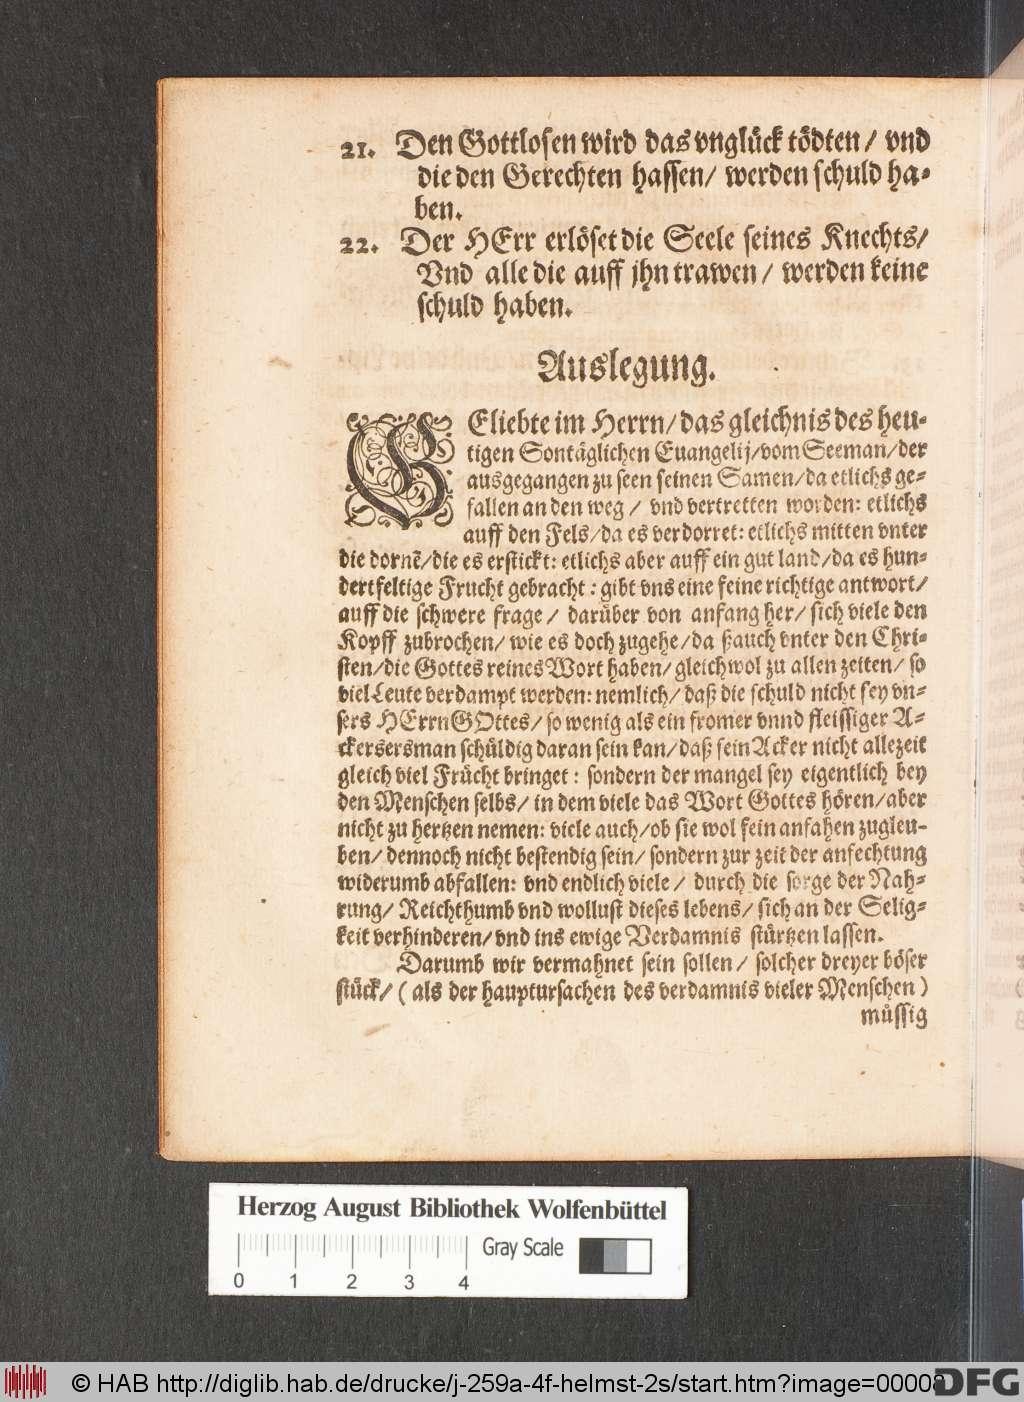 http://diglib.hab.de/drucke/j-259a-4f-helmst-2s/00008.jpg